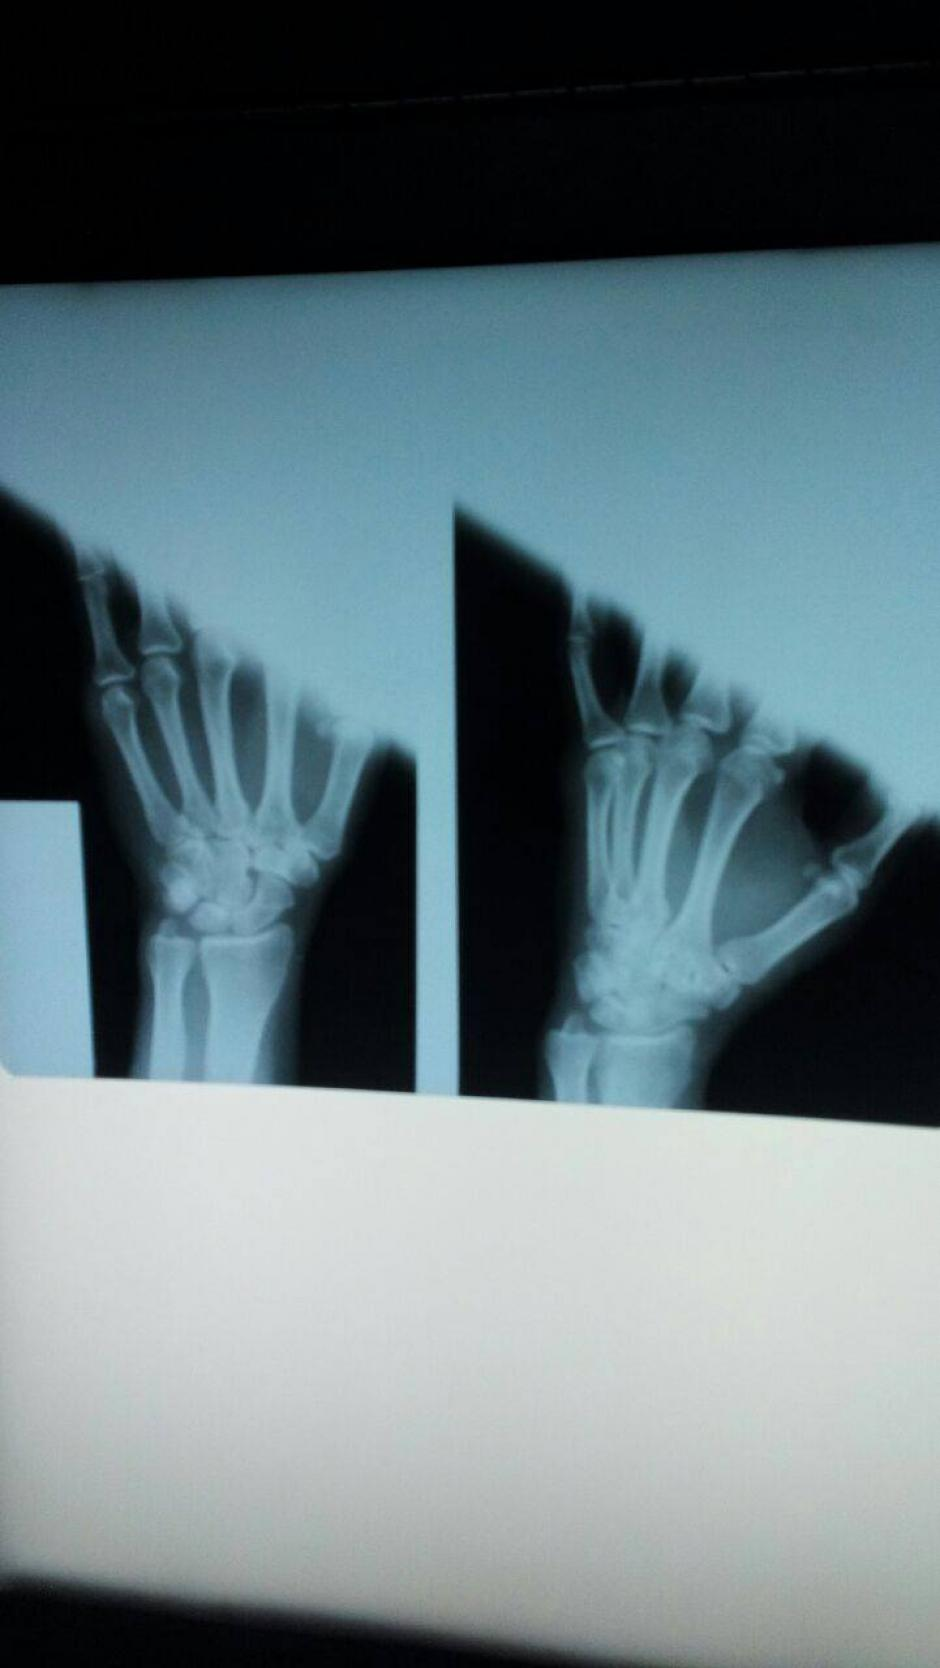 La única maquina de rayos X funcional del Hospital San Juan de Dios presentó un nuevo desperfecto. (Foto: Facebook/Curemos Guate)